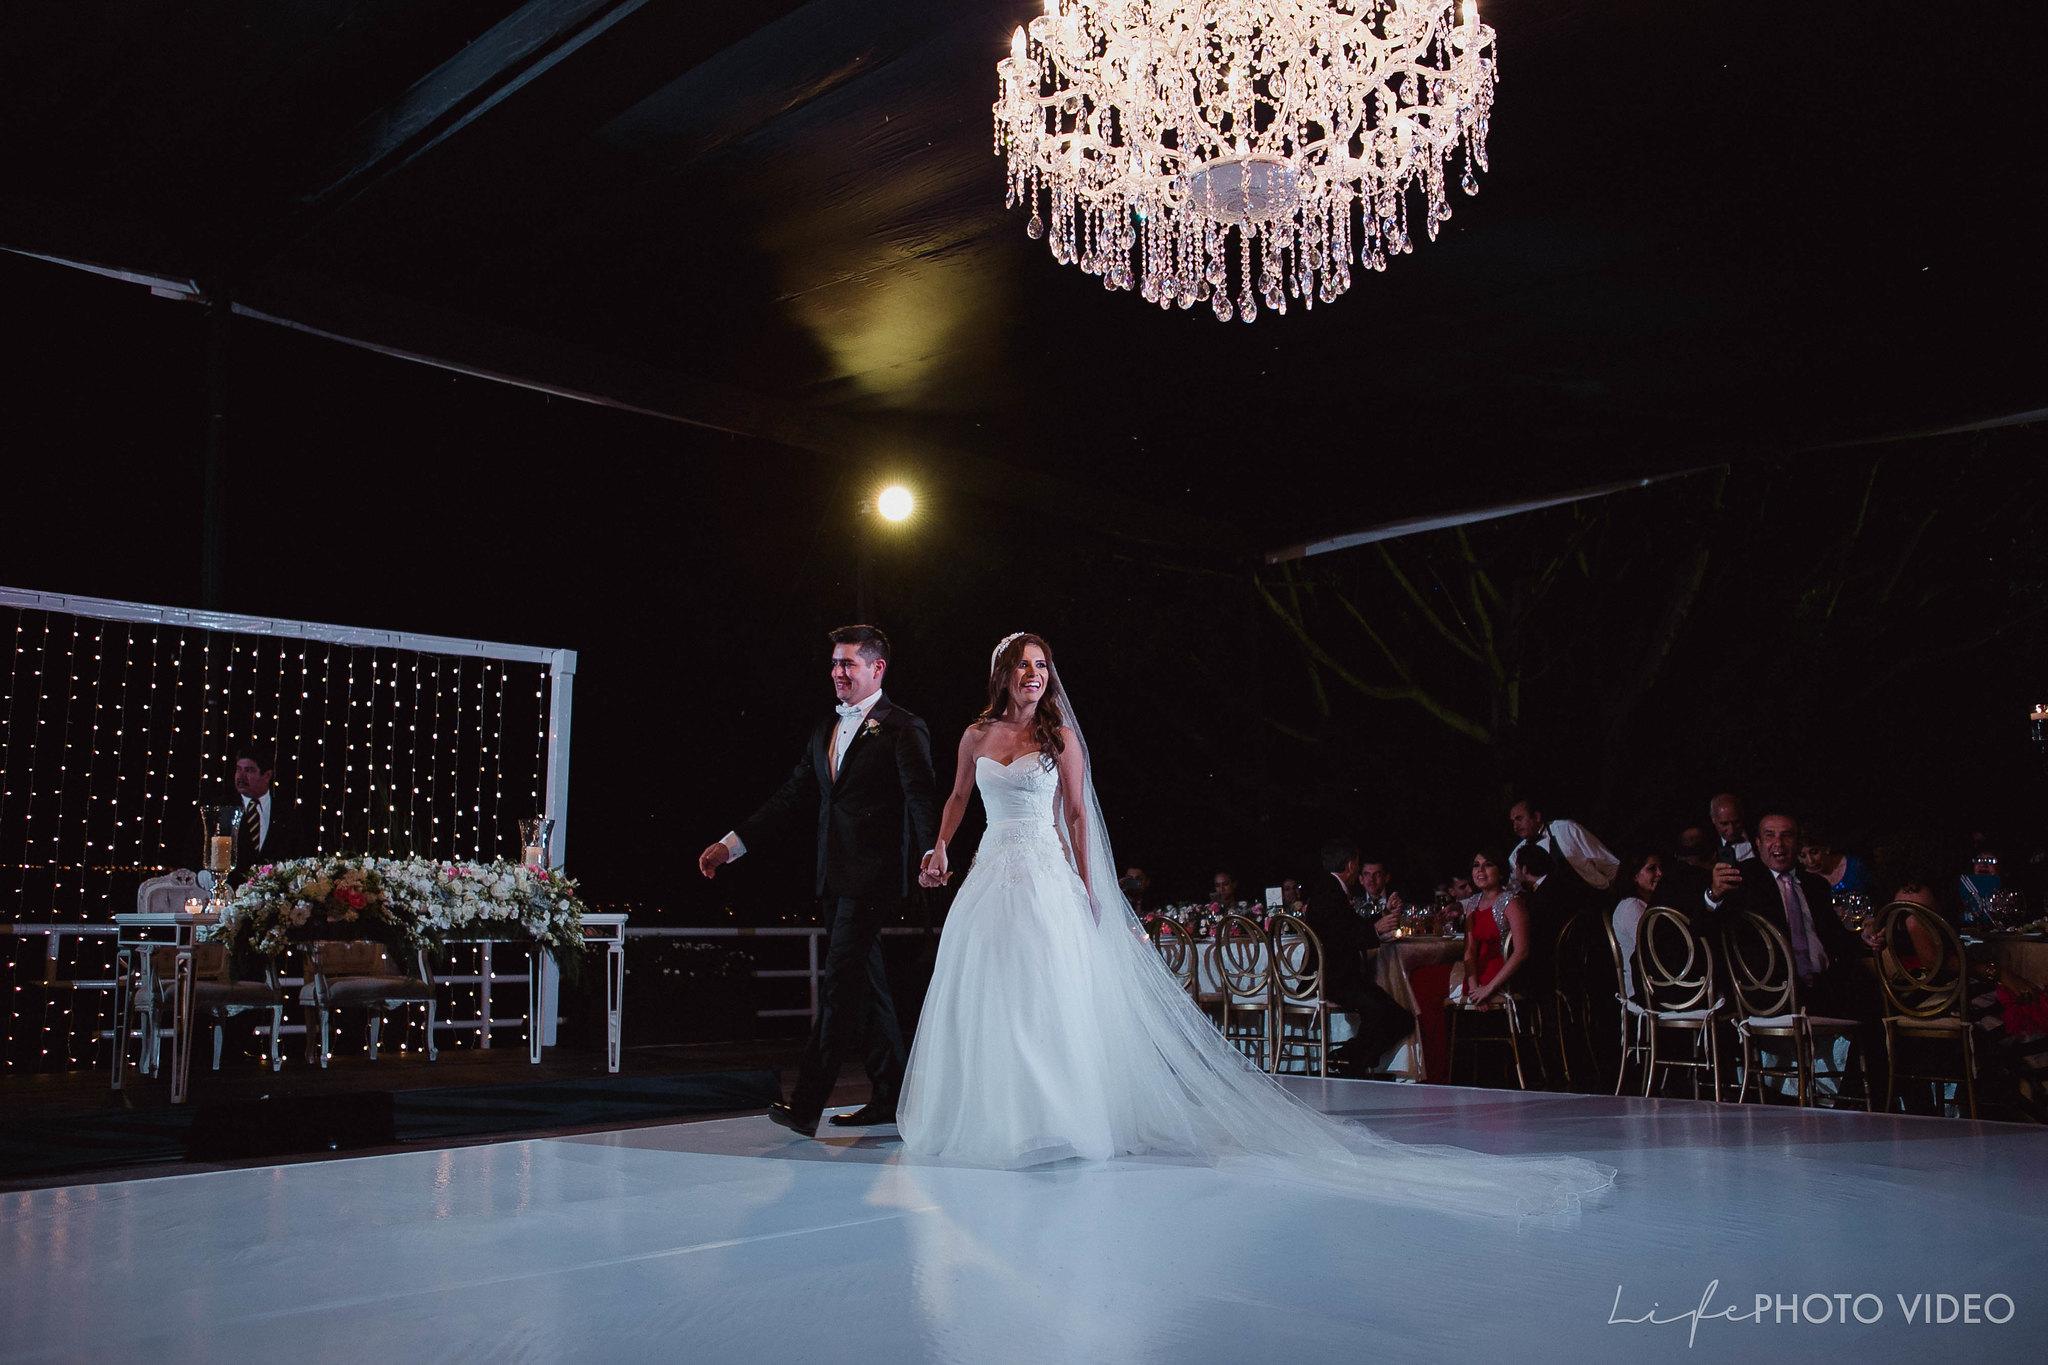 Boda_LeonGto_Wedding_LifePhotoVideo_0052.jpg